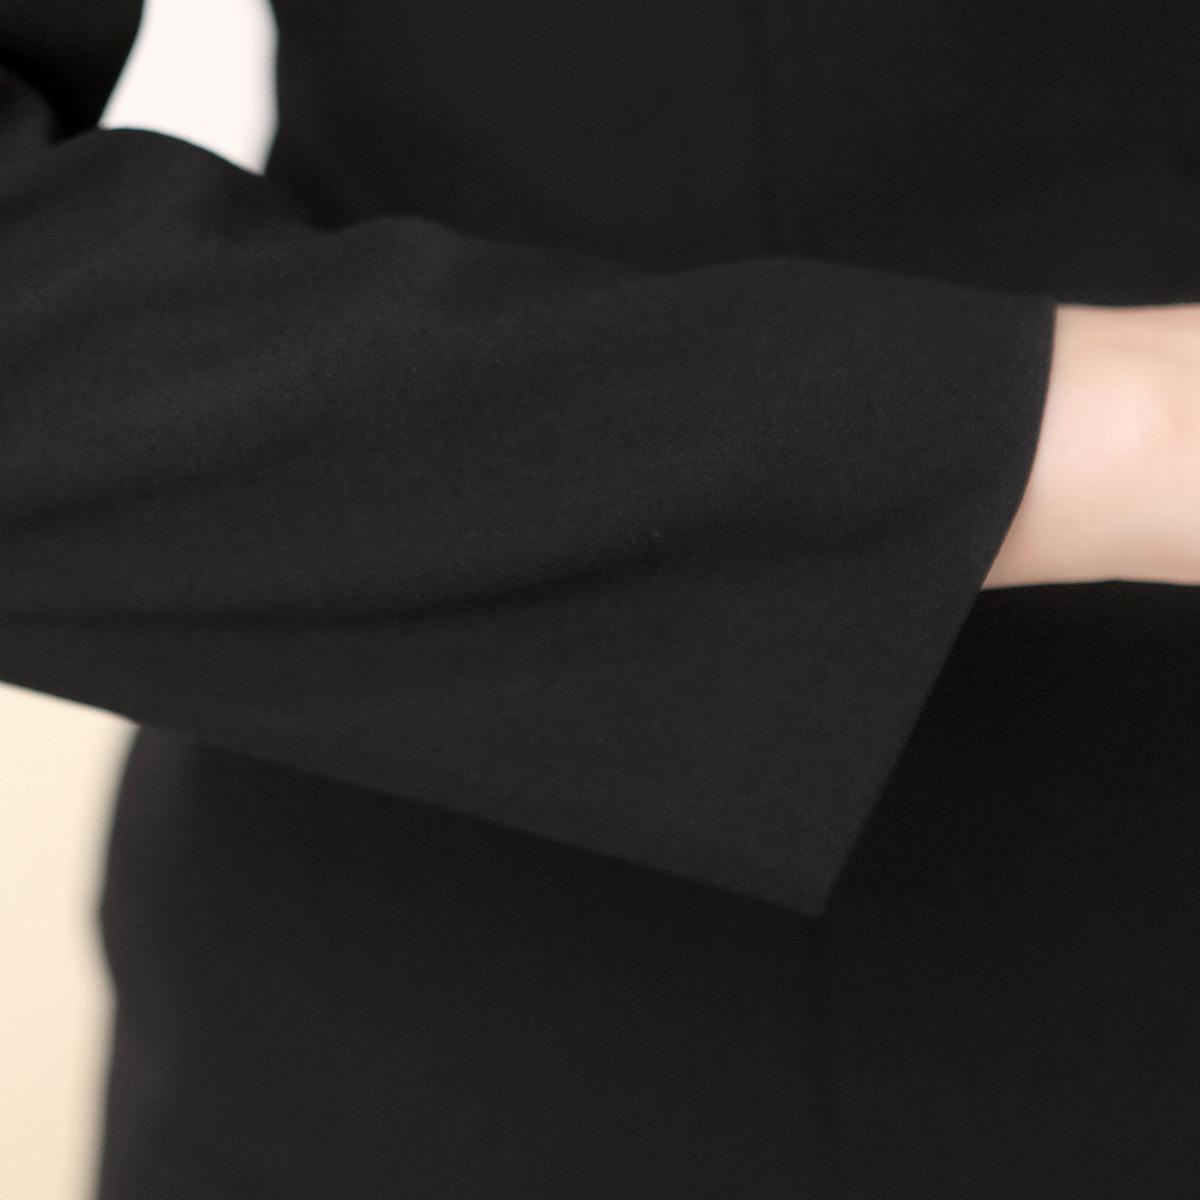 เสื้อสูทแฟชั่น เสื้อสูทผู้หญิง เซ็ตคู่ สีดำแต่งขลิบสีชมพู คอวีลึกติดกระดุมเม็ดเดียว แขนยาว กระโปรงทรงเอ สีดำมีซิบรูดด้านหลัง